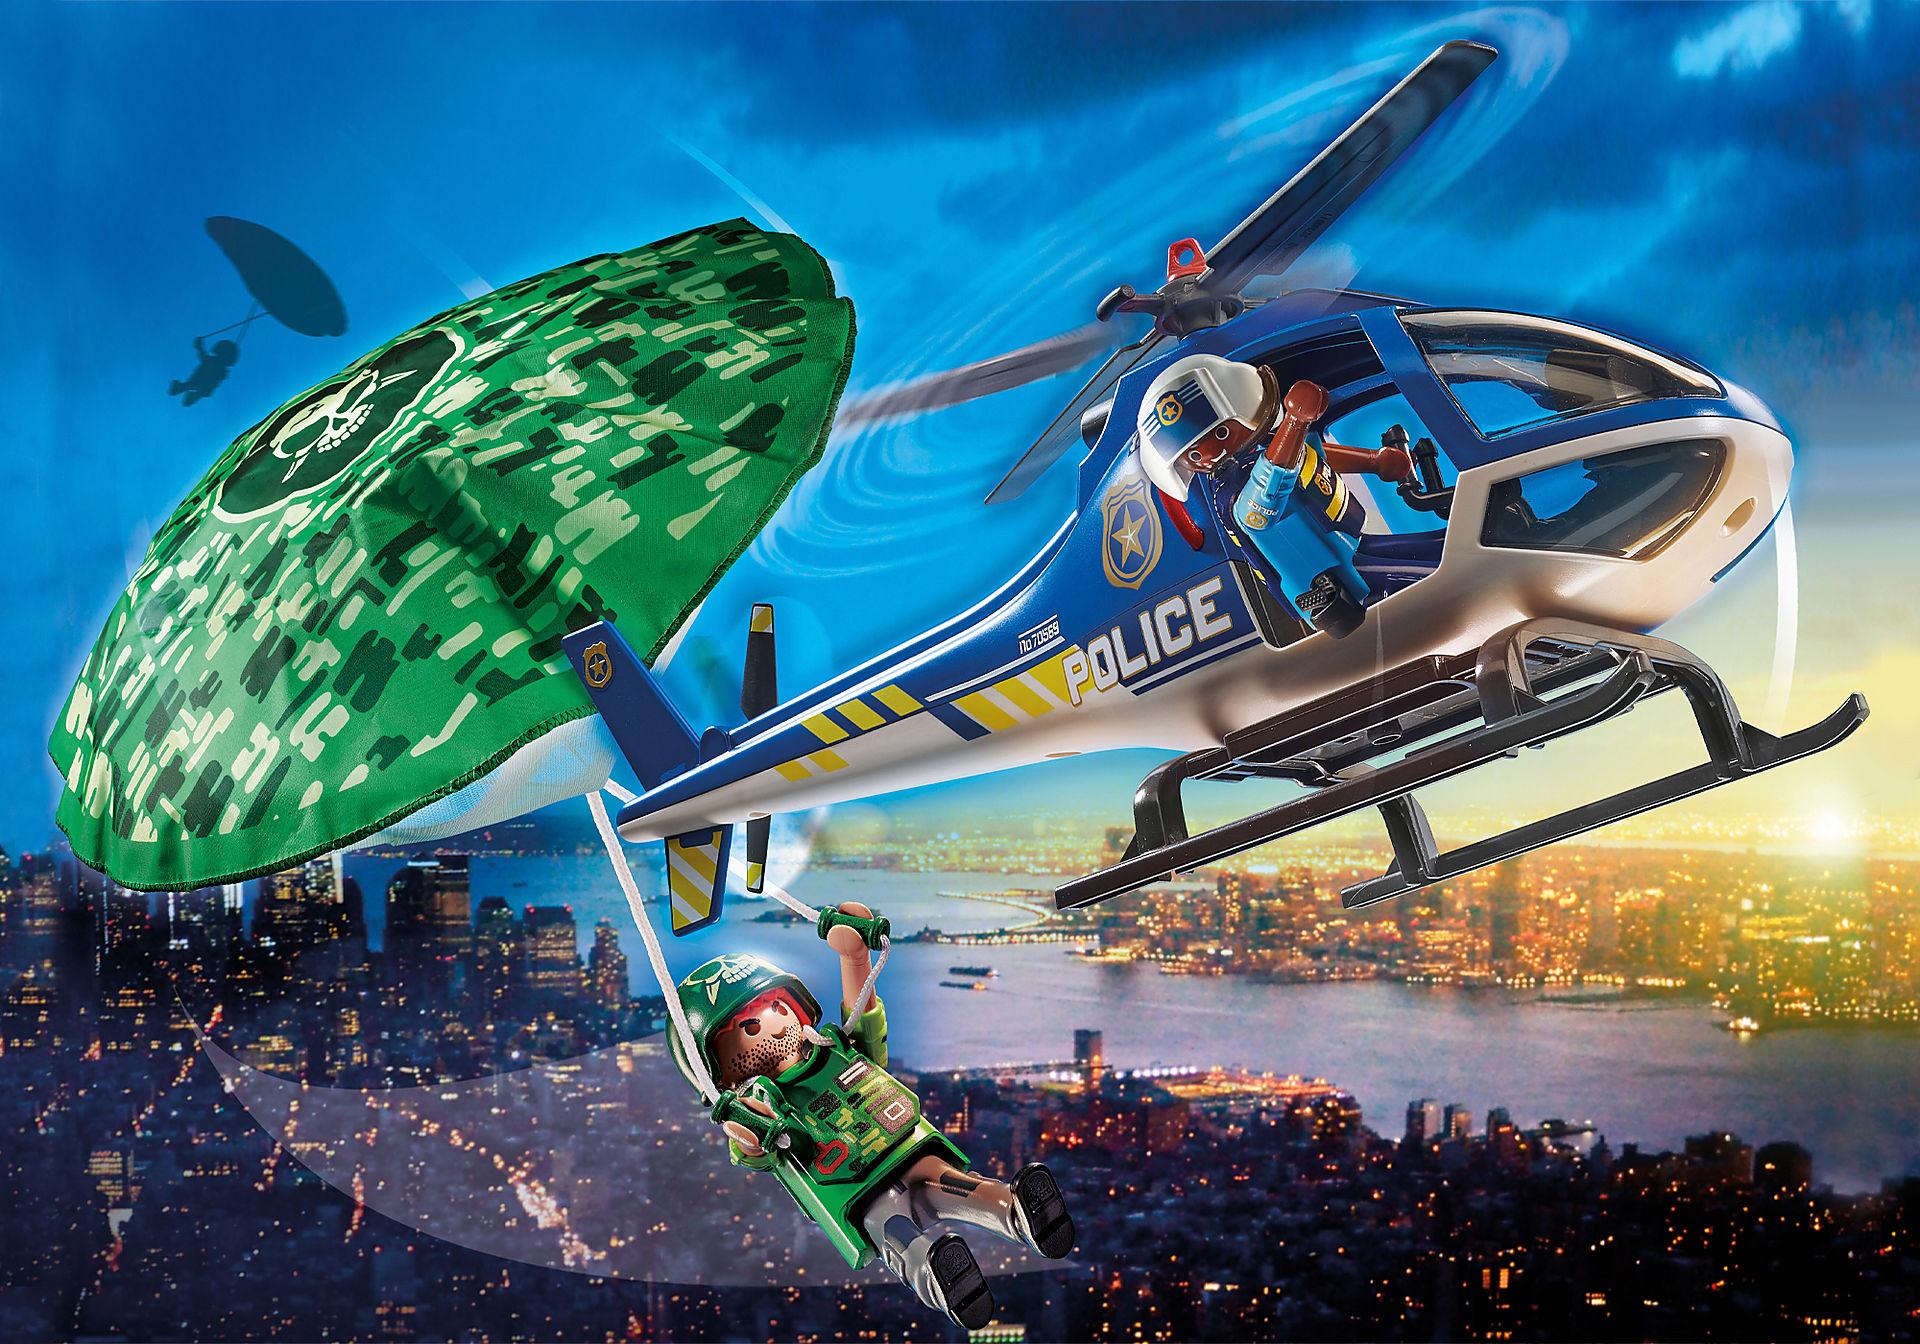 70569 Politihelikopter: Faldskskærms-forfølgelse zoom image1